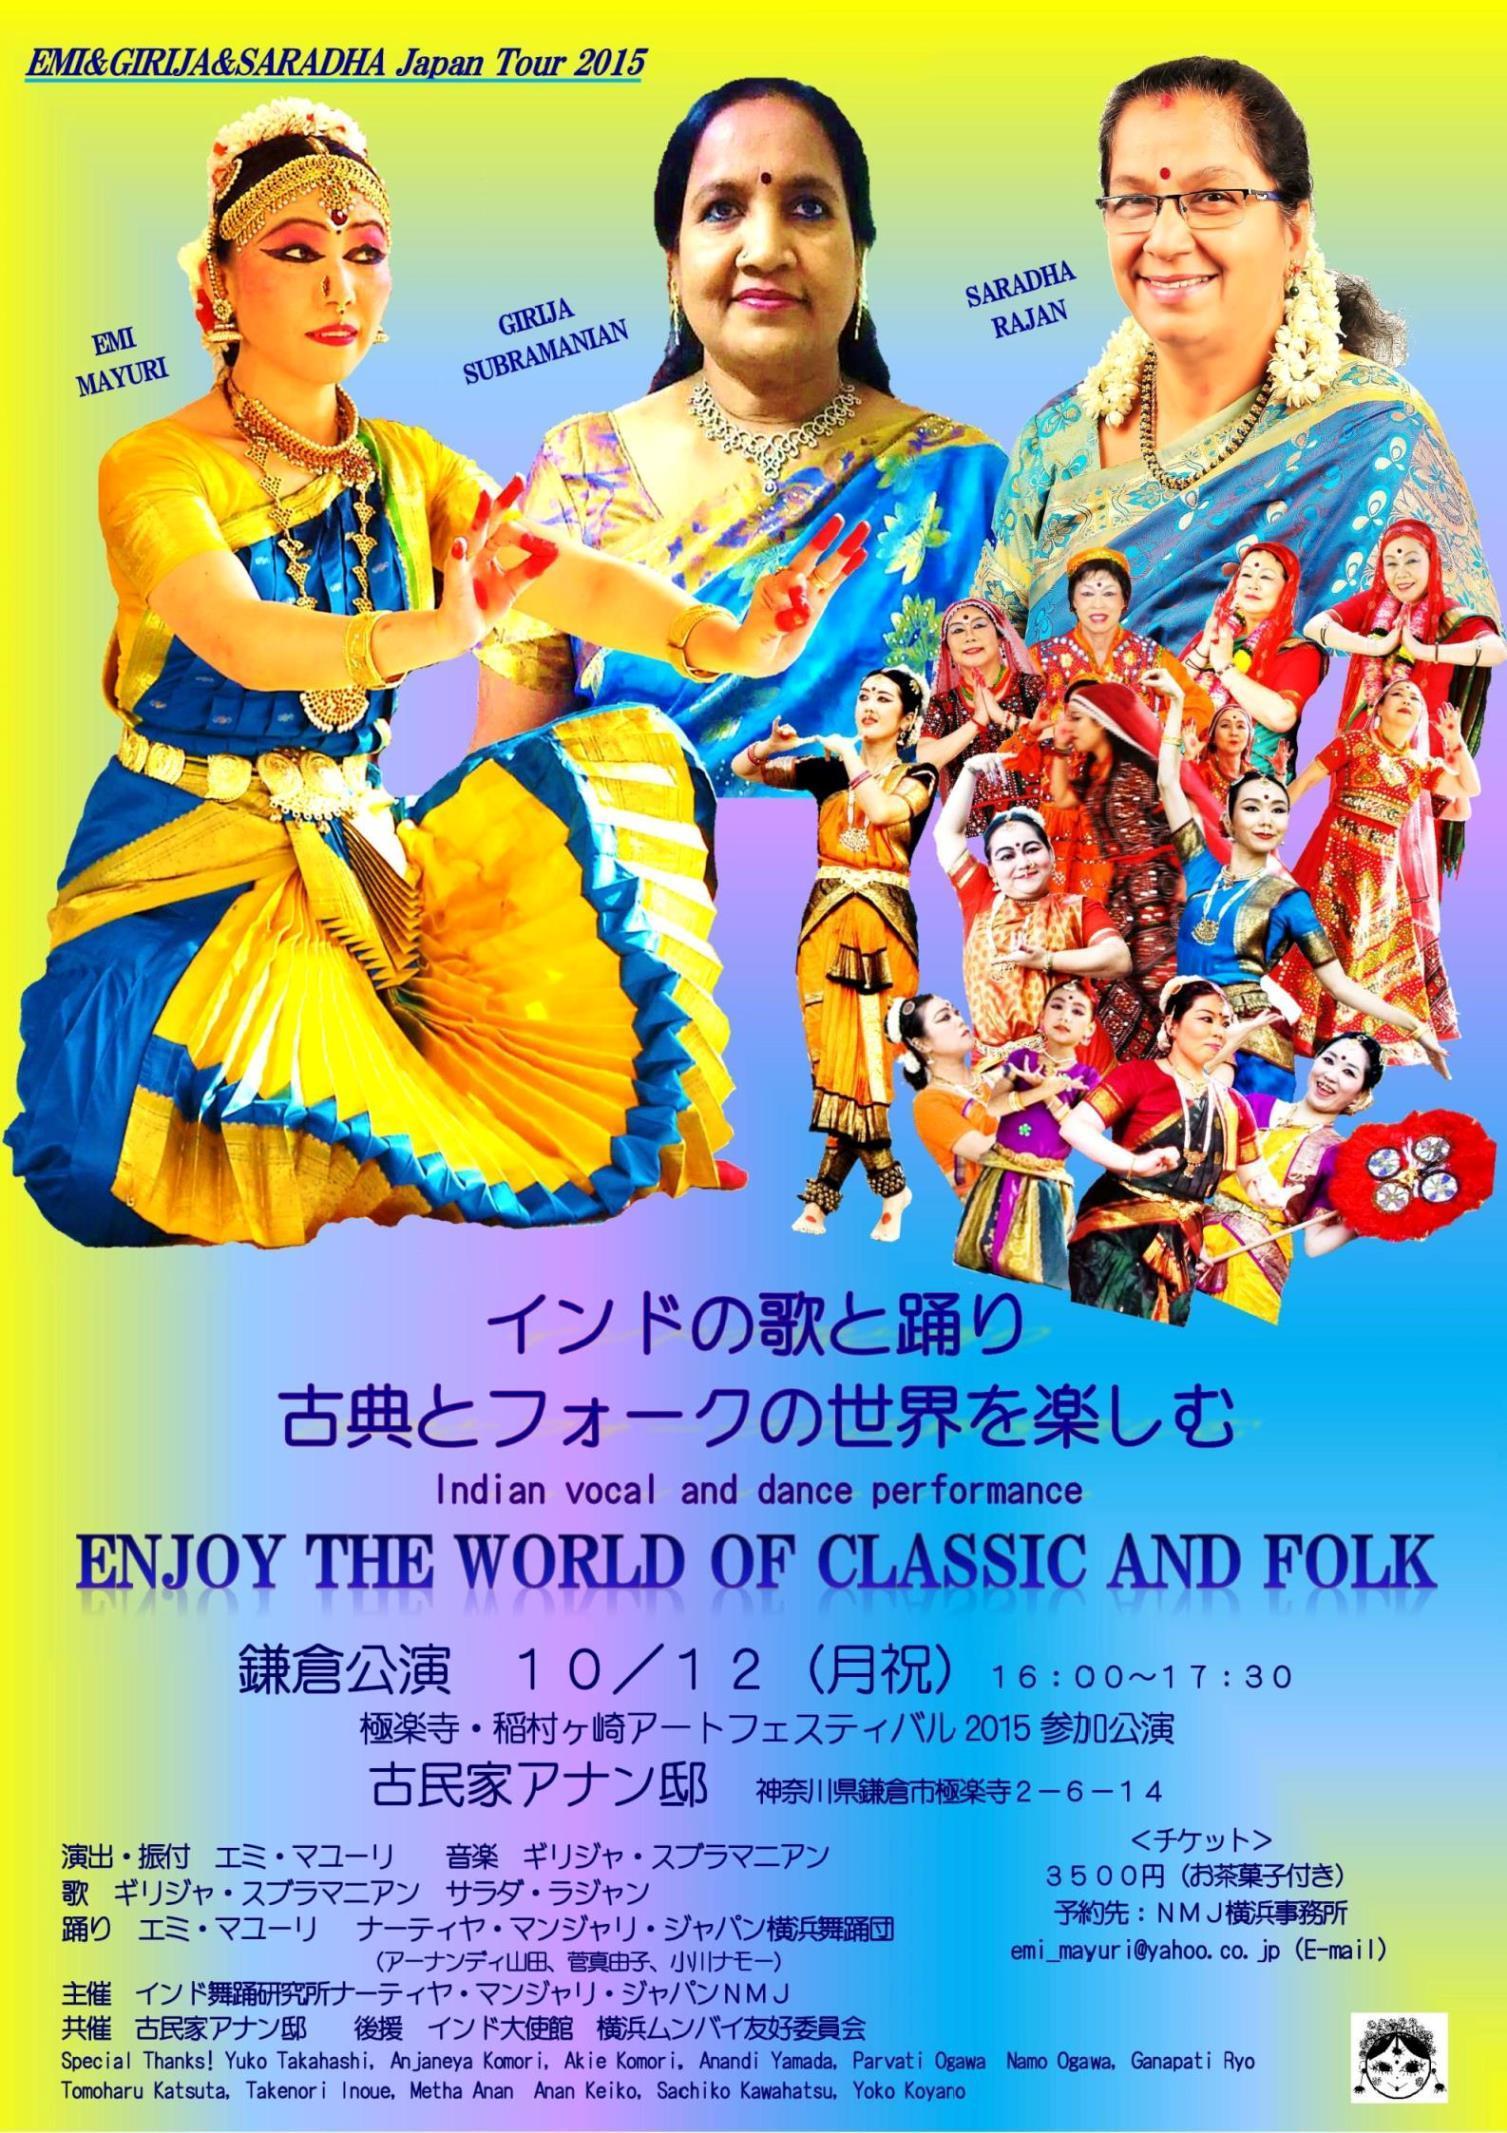 インドの歌と踊り「古典とフォークの世界を楽しむ」のお知らせ_e0145685_19021740.jpg